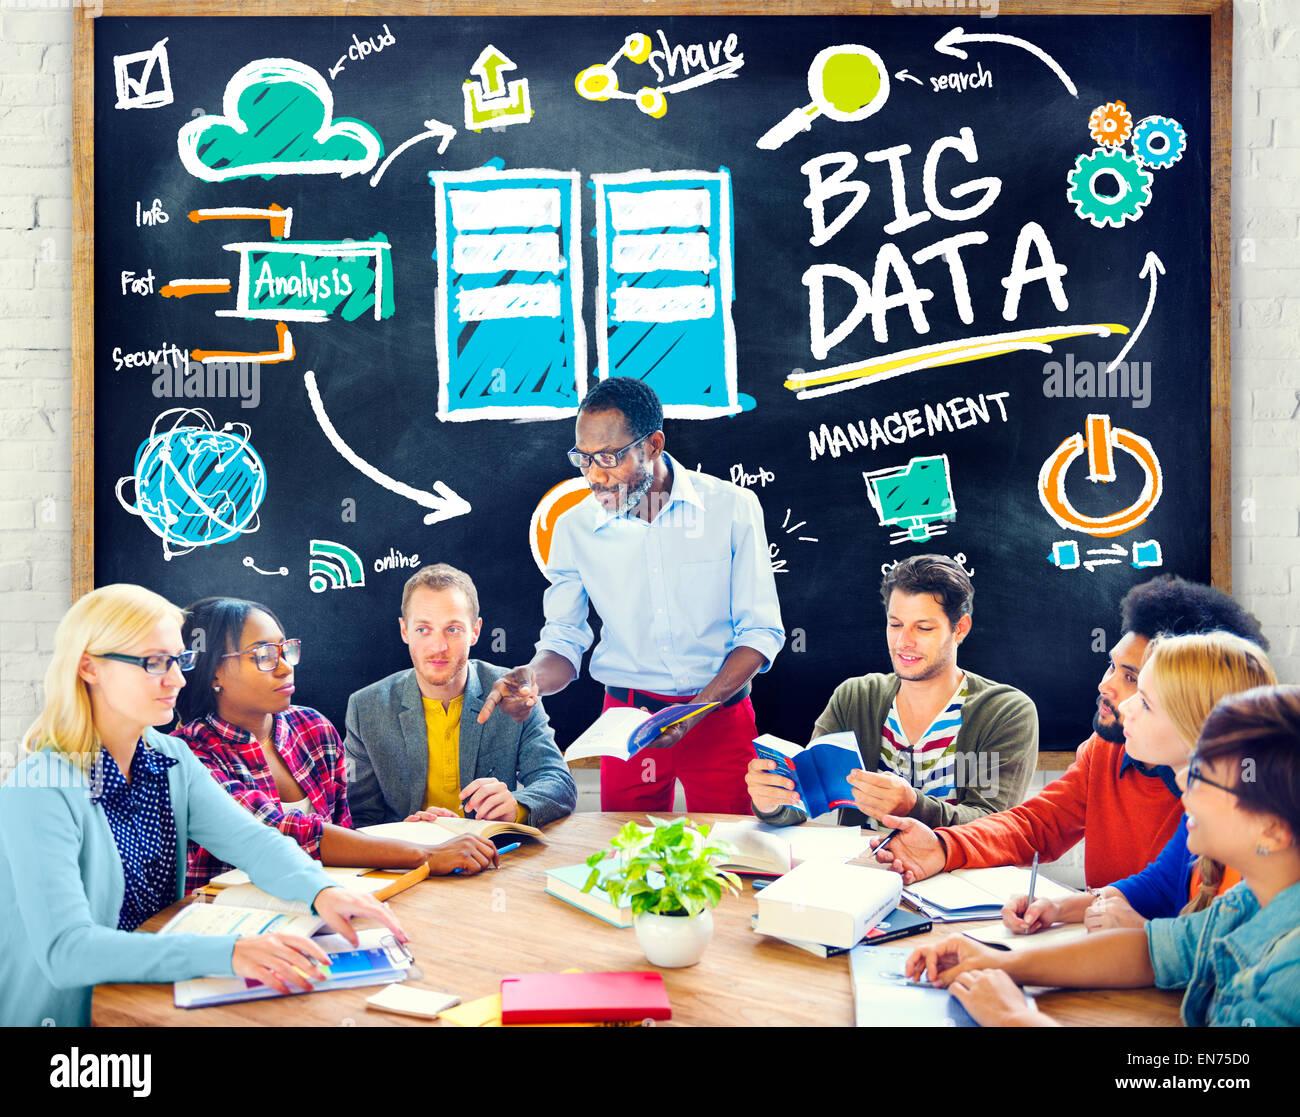 Les gens de la diversité d'information sur l'apprentissage des Big Data Concept étudiant Photo Stock